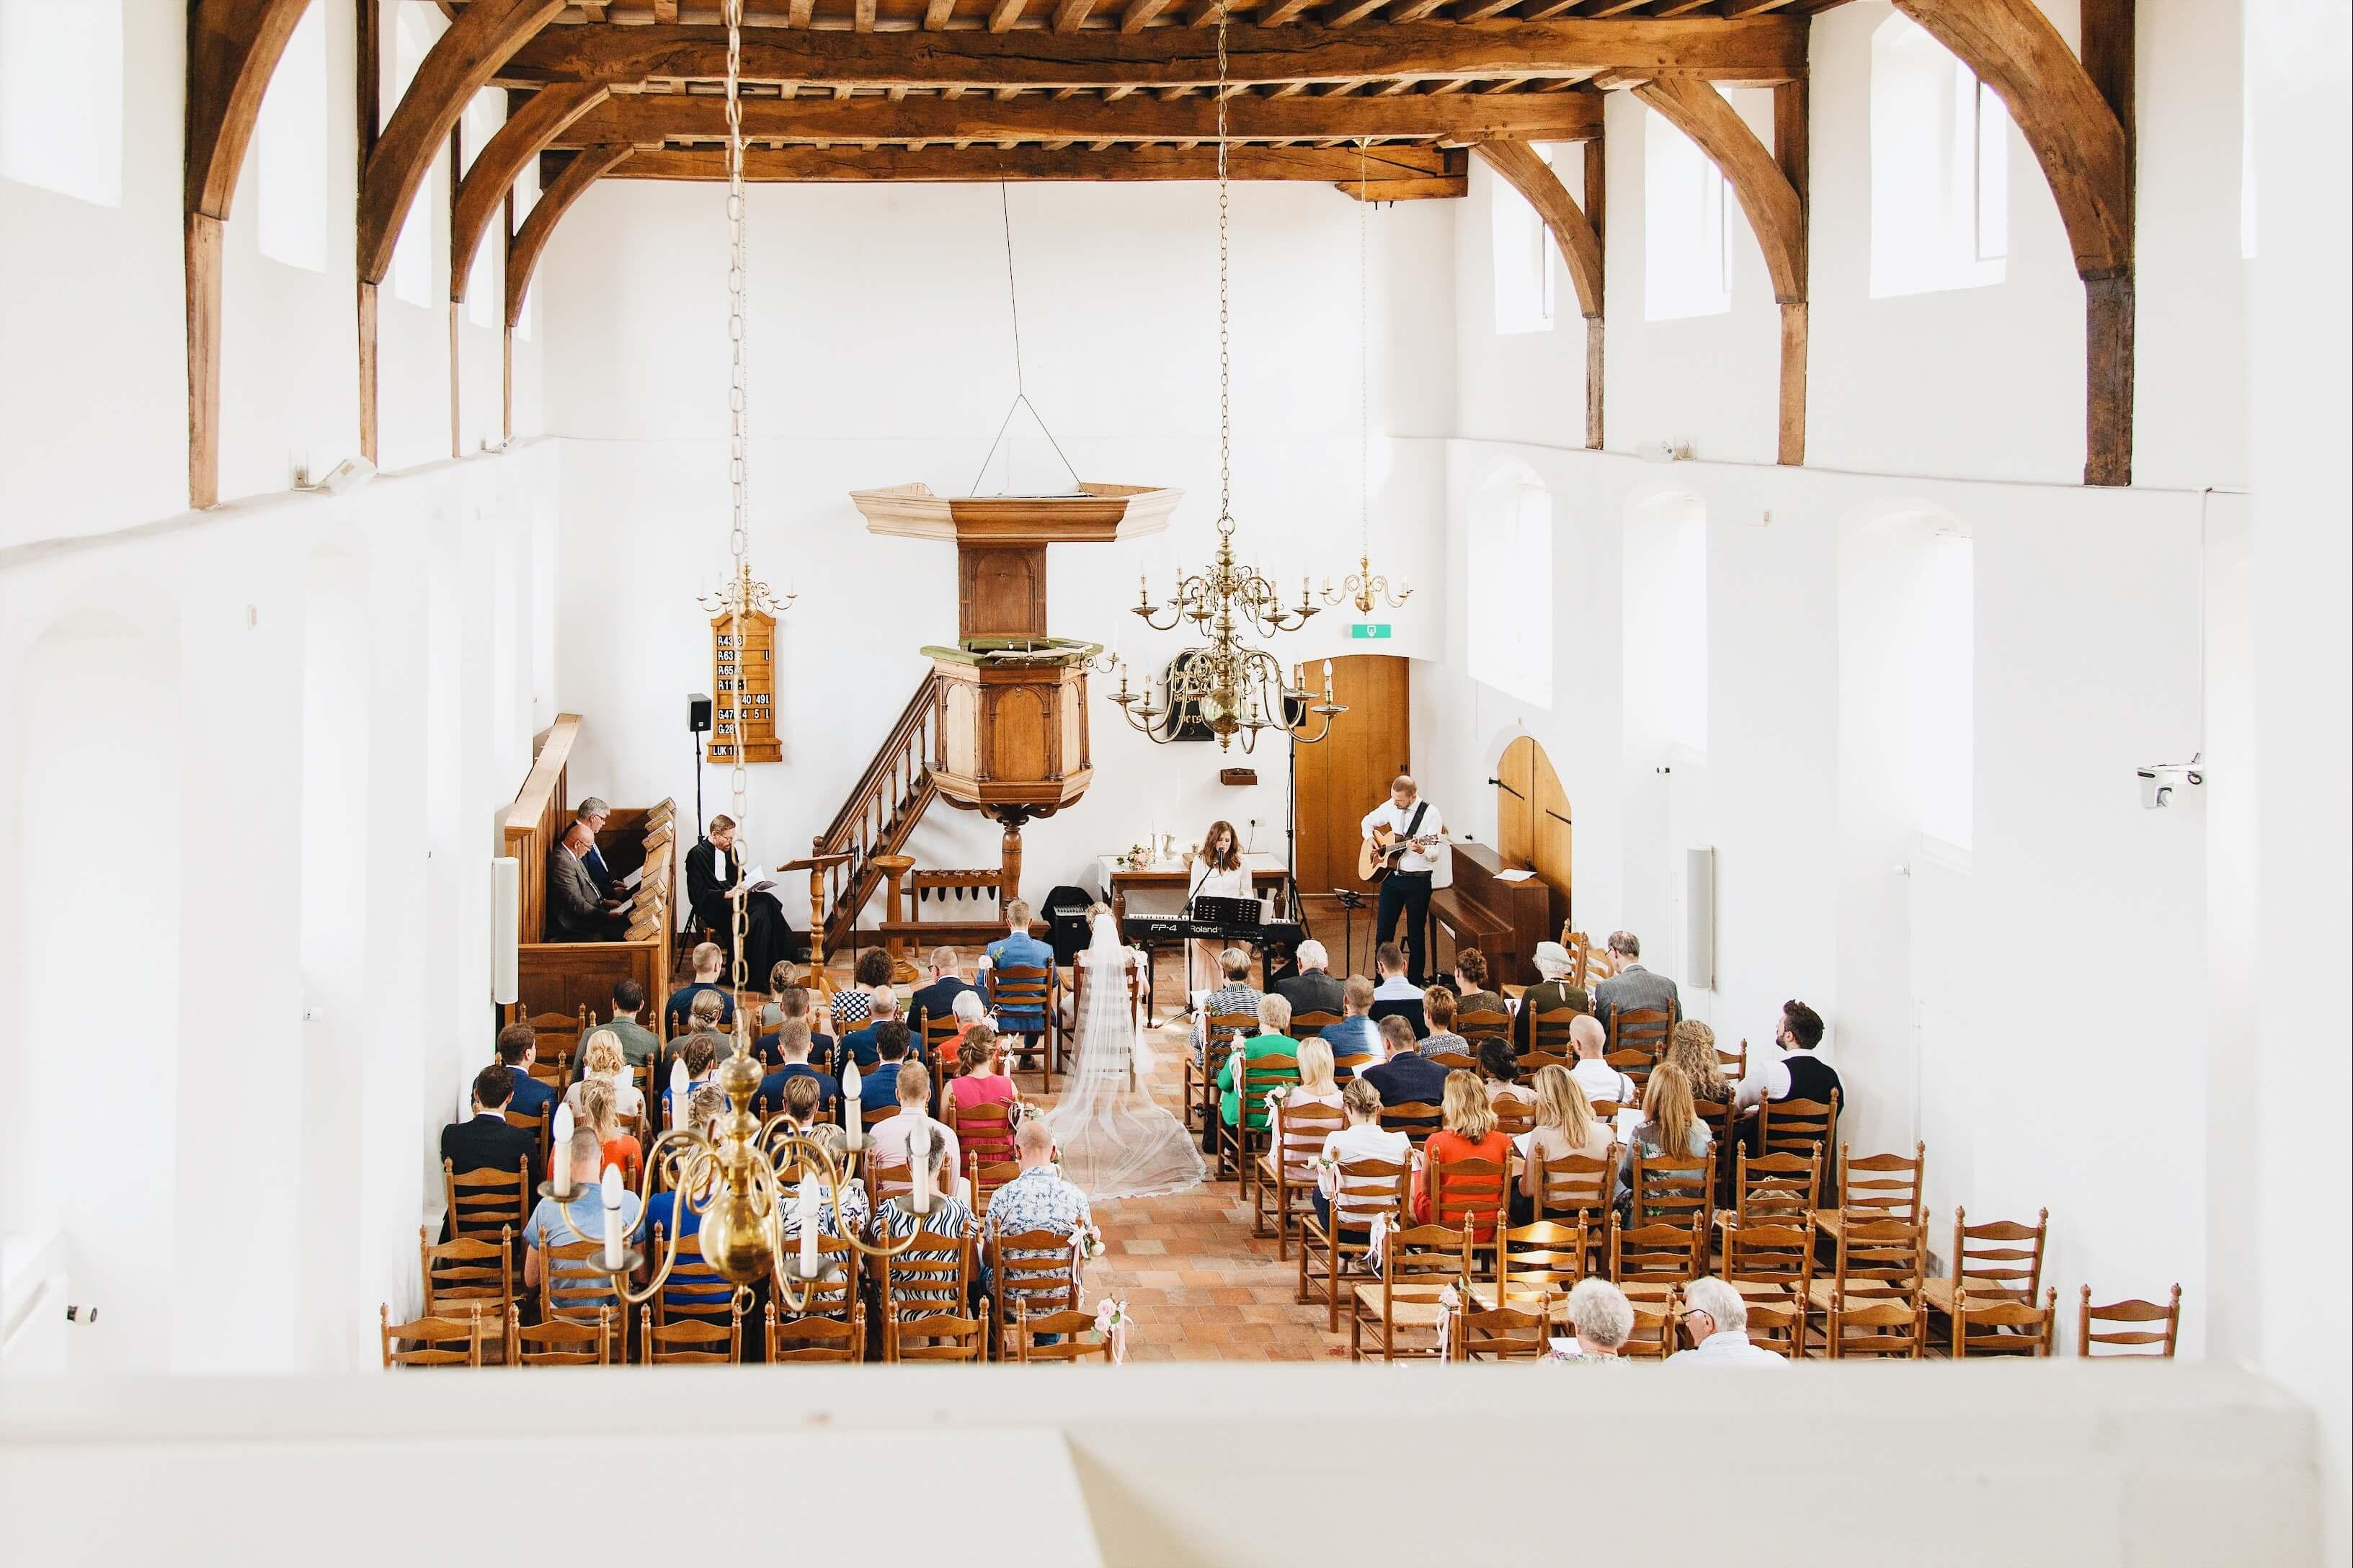 Zangeres kerkelijke ceremonie akoestisch duo kerkmuziek